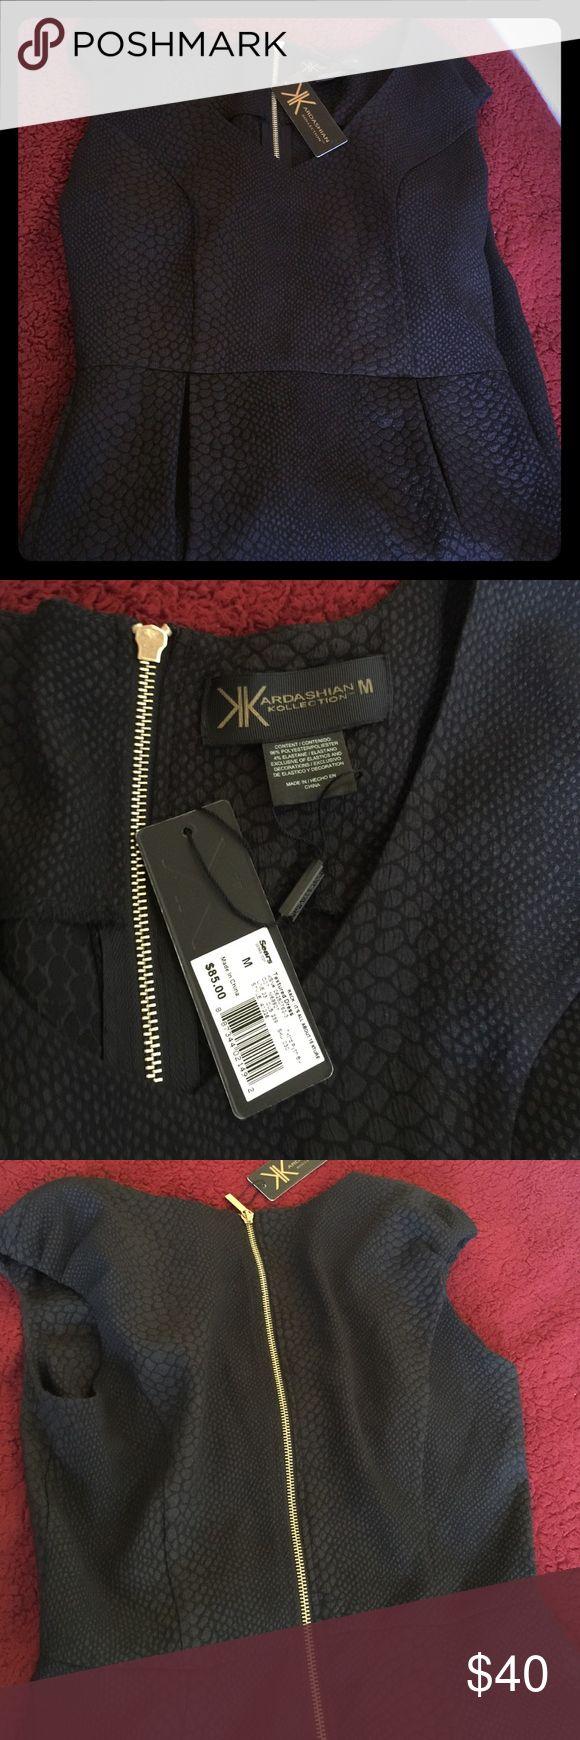 Kardashian Kollection Dress Sz M Beautiful form fitting Kardashian Kollection dress. The back has a gold zipper that zips all the way down, textured dress, and BRAND NEW! Kardashian Kollection Dresses High Low